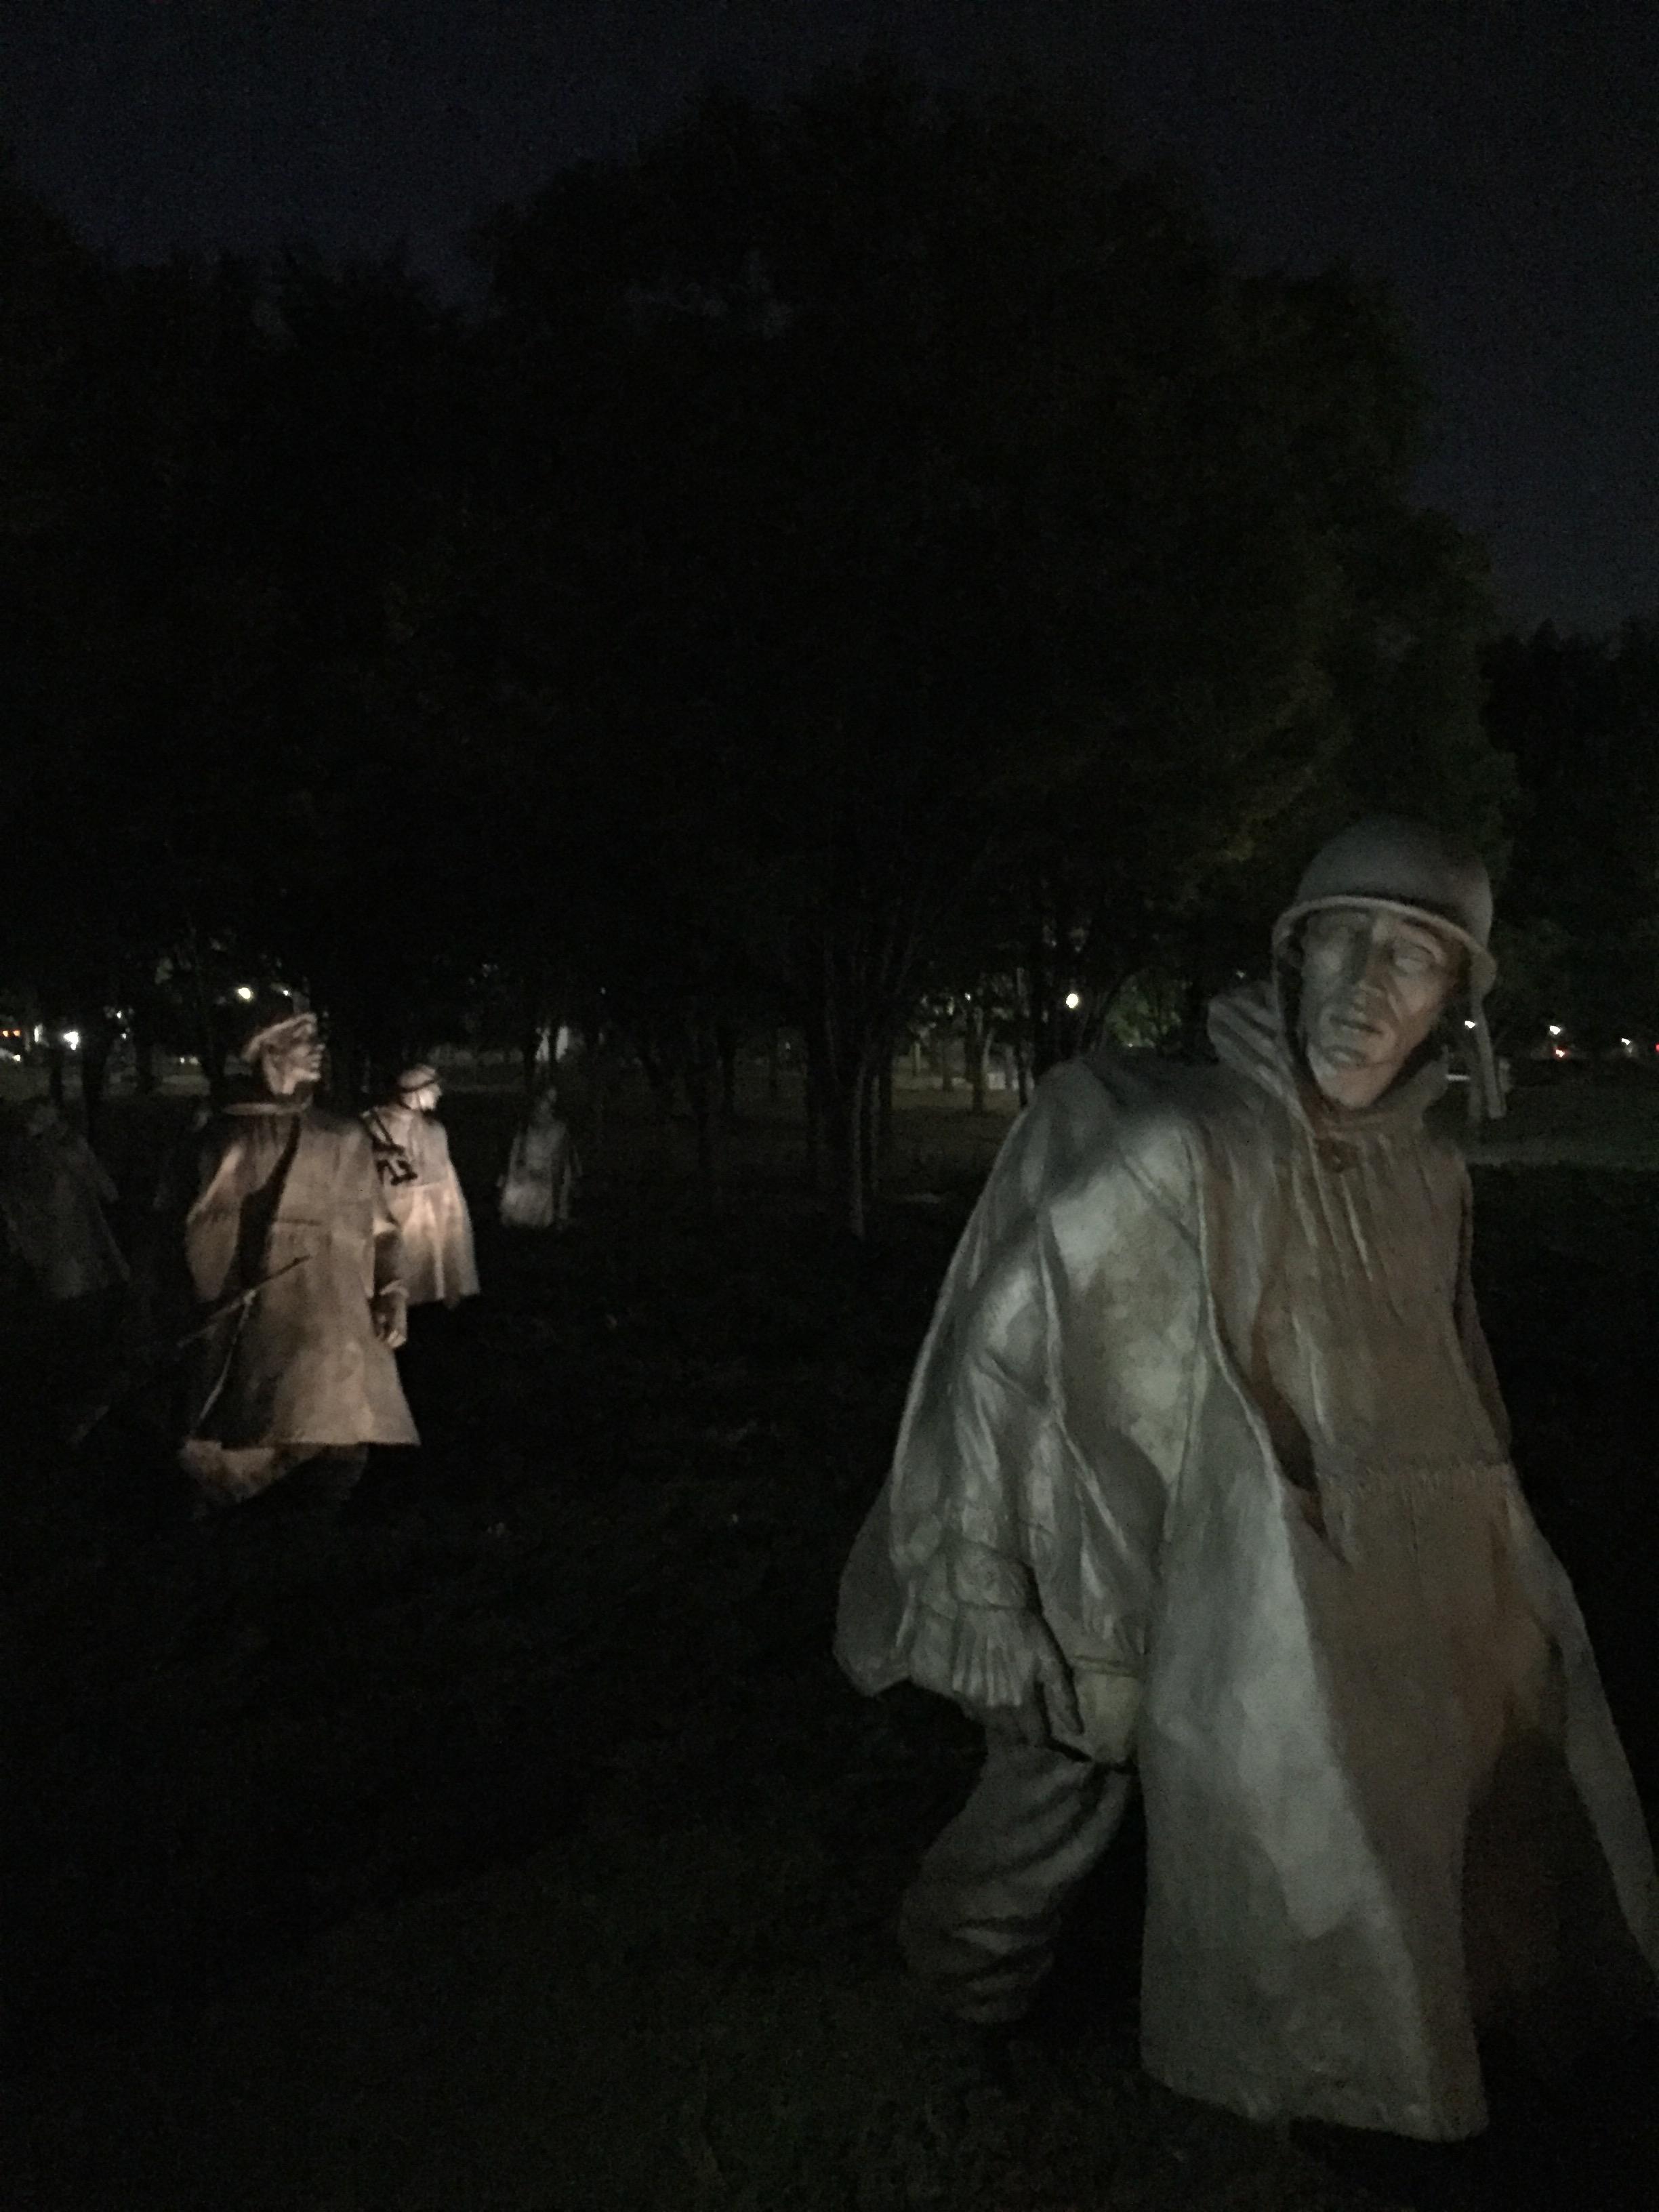 Korean War Memorial - Abstraction or reflection